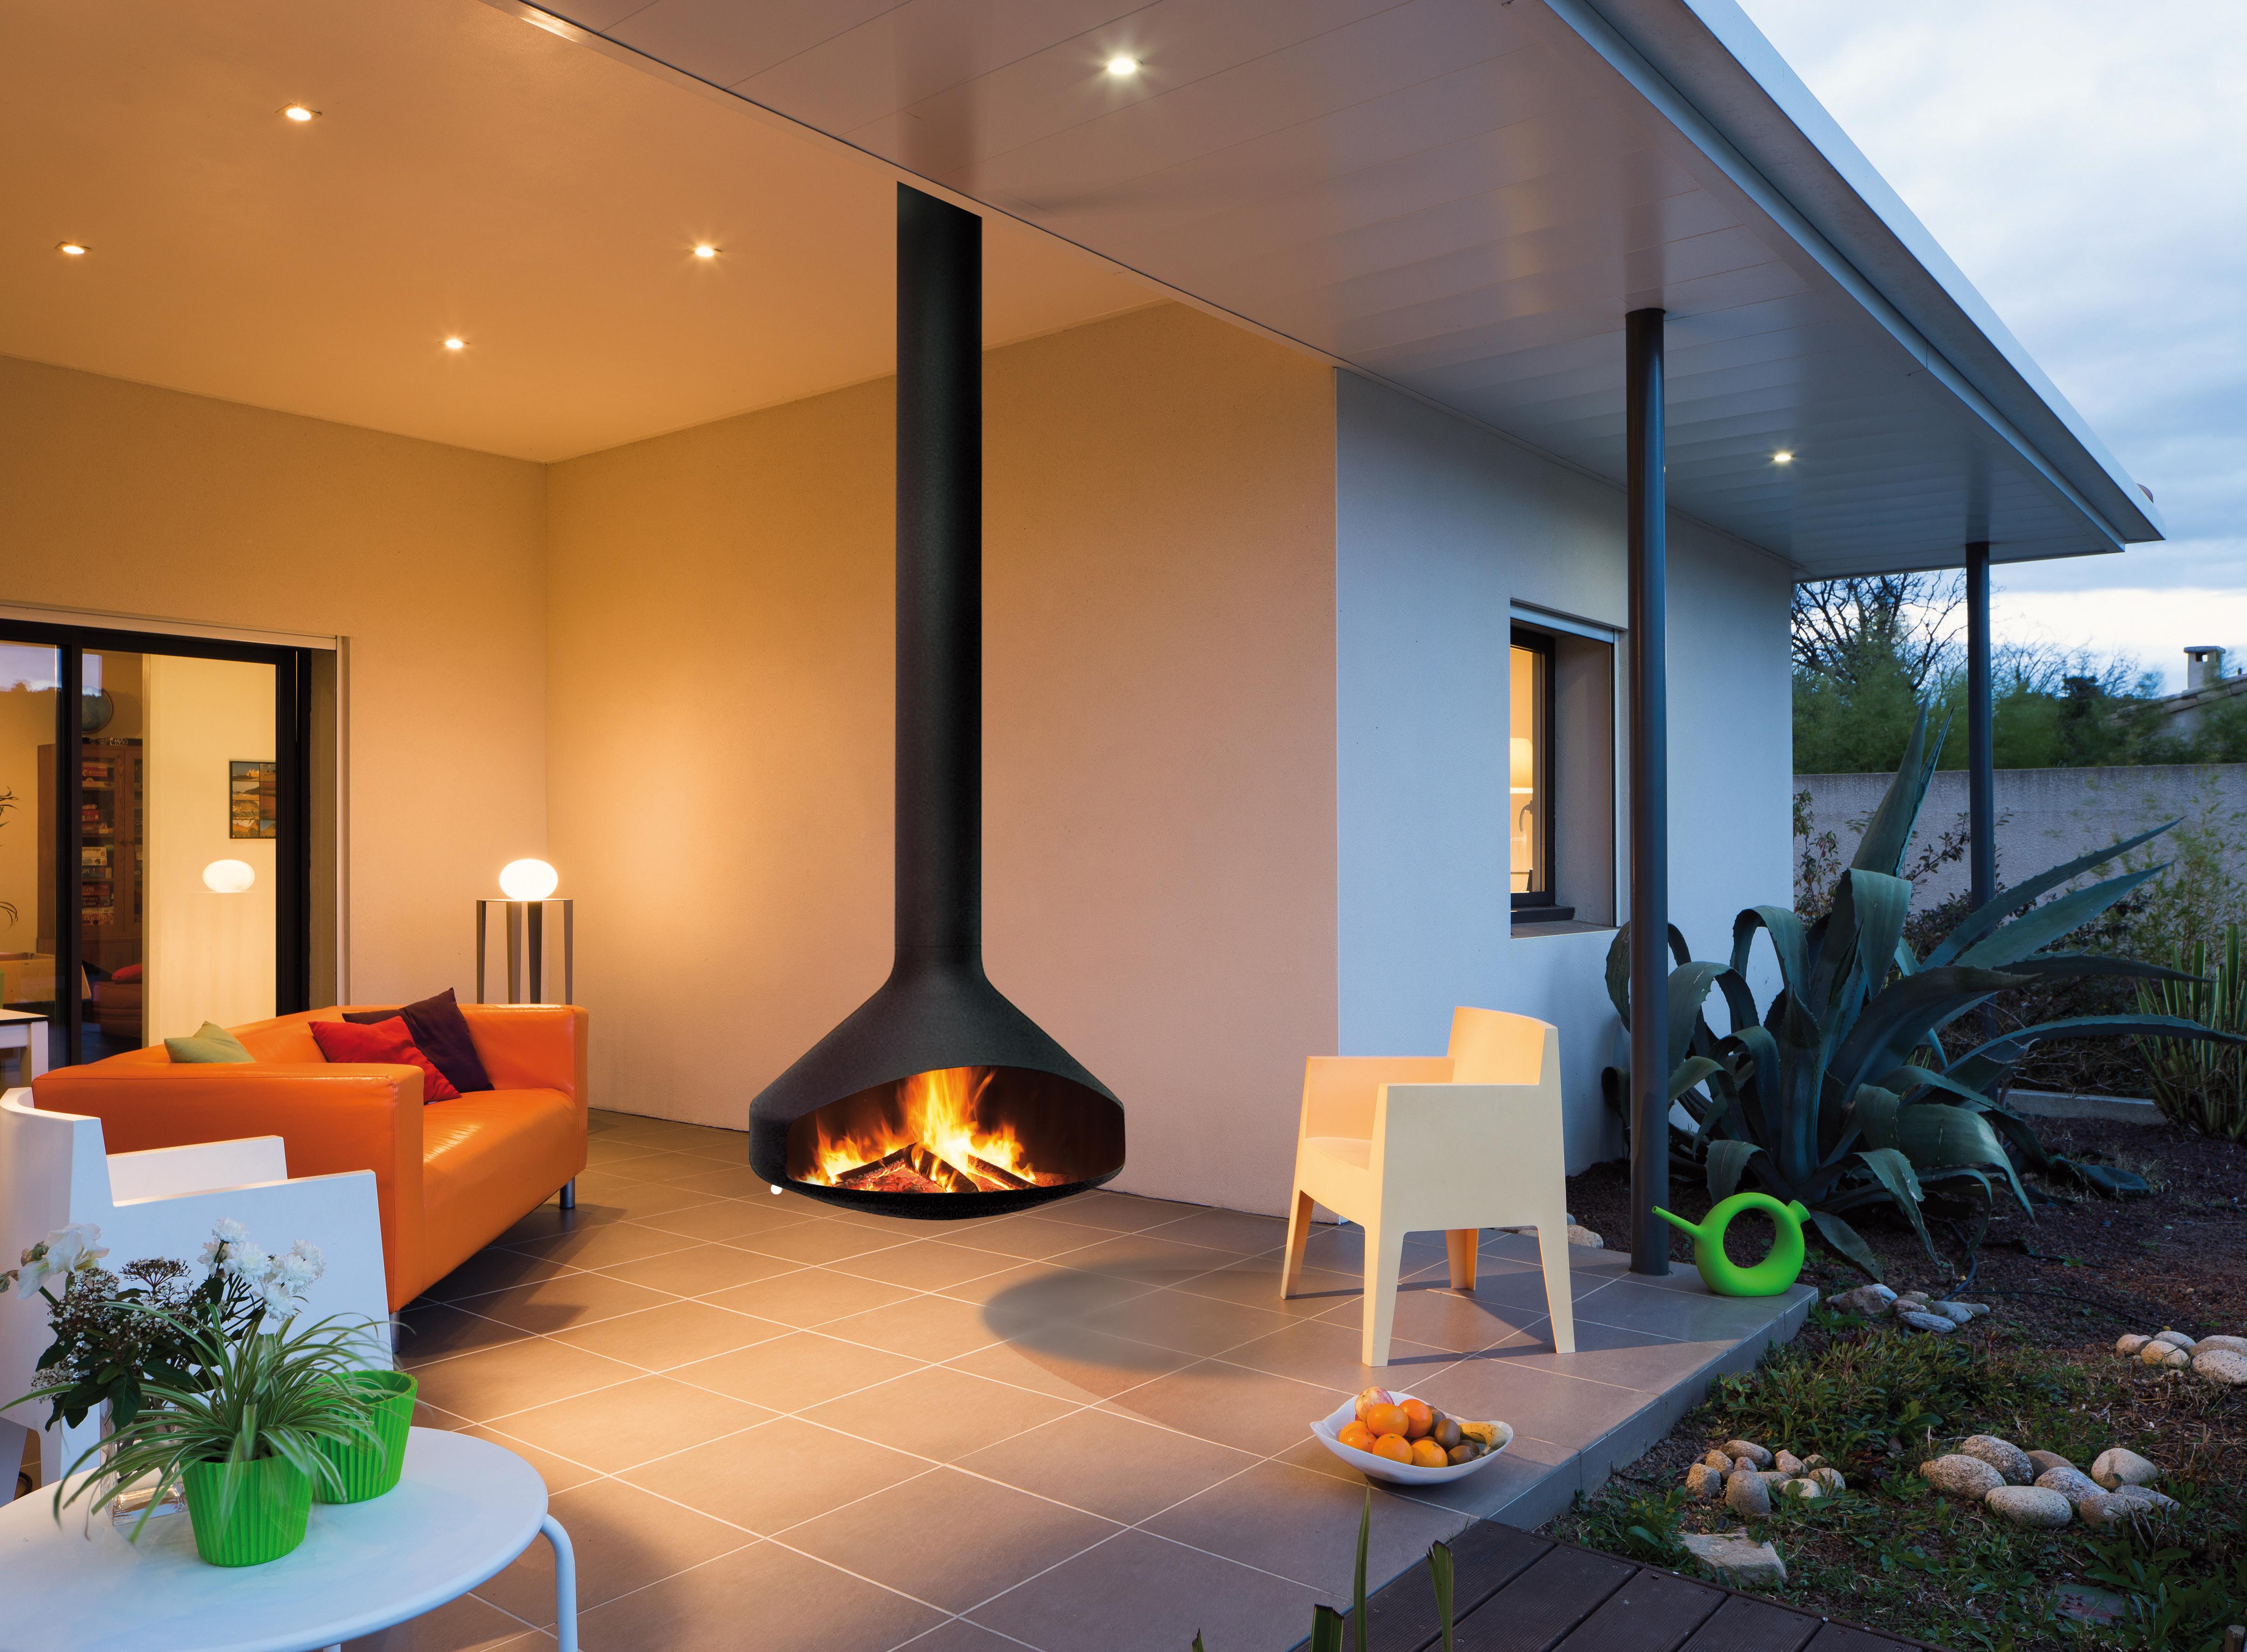 cheminée design pour l'extérieur Ergofocus outdoor